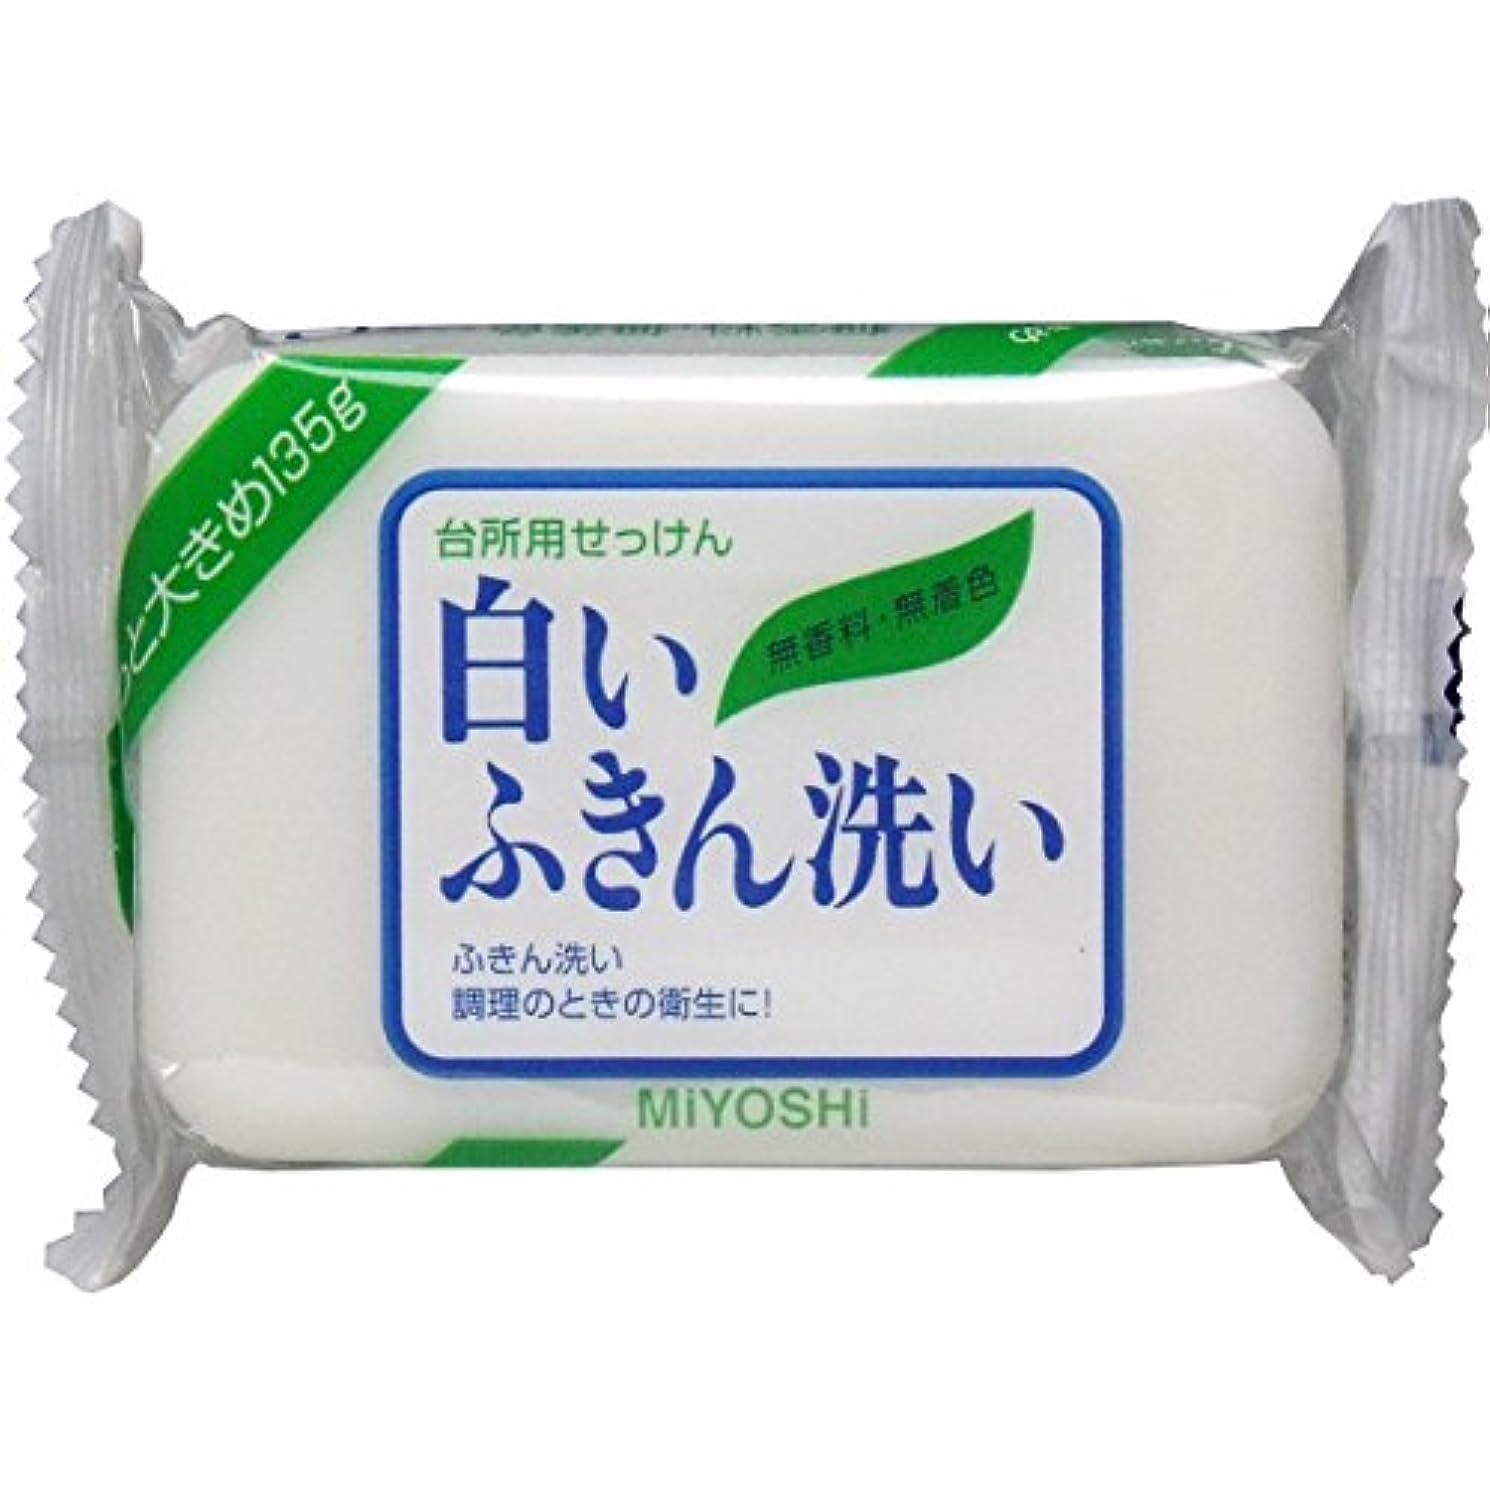 ミヨシ石鹸 白いふきん洗い